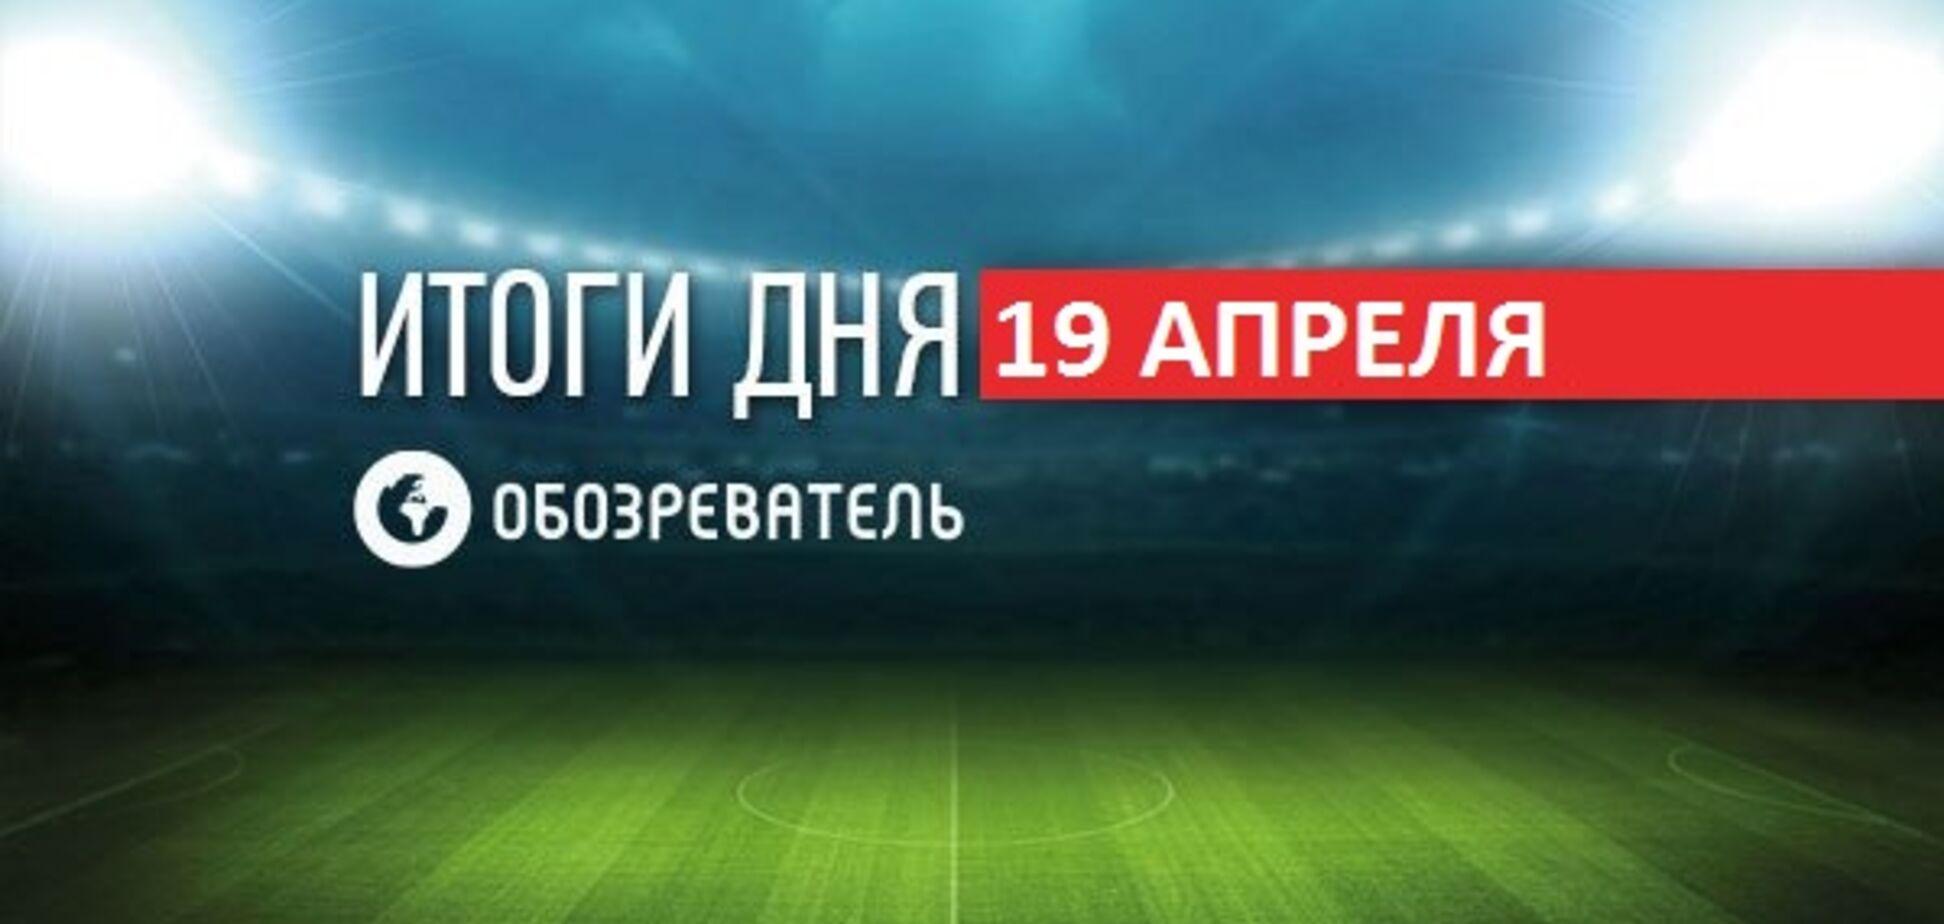 Усик и Ломаченко записали новое видео с россиянами: спортивные итоги 19 апреля